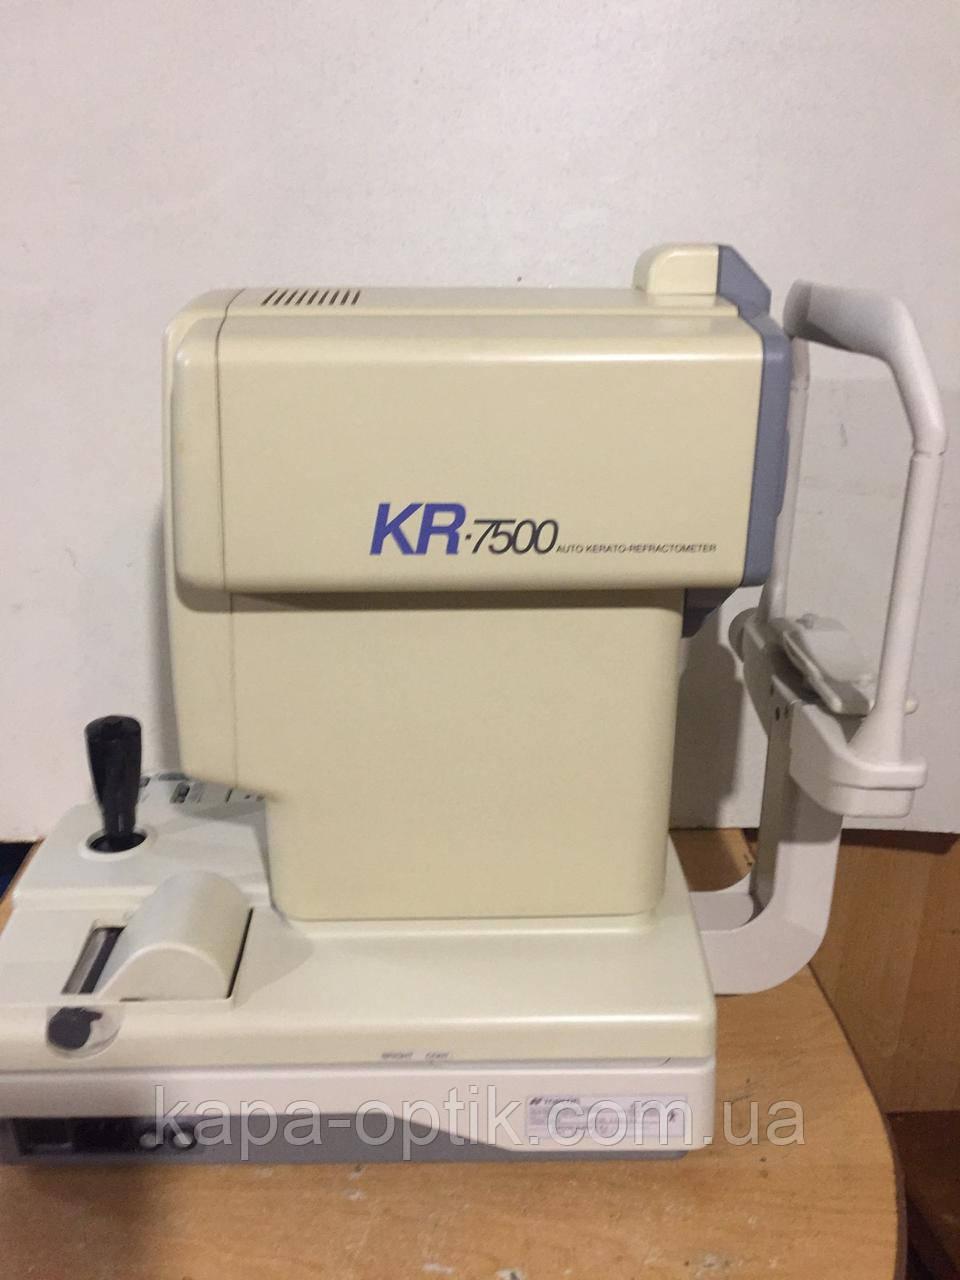 Авторефкератометр KR-7500